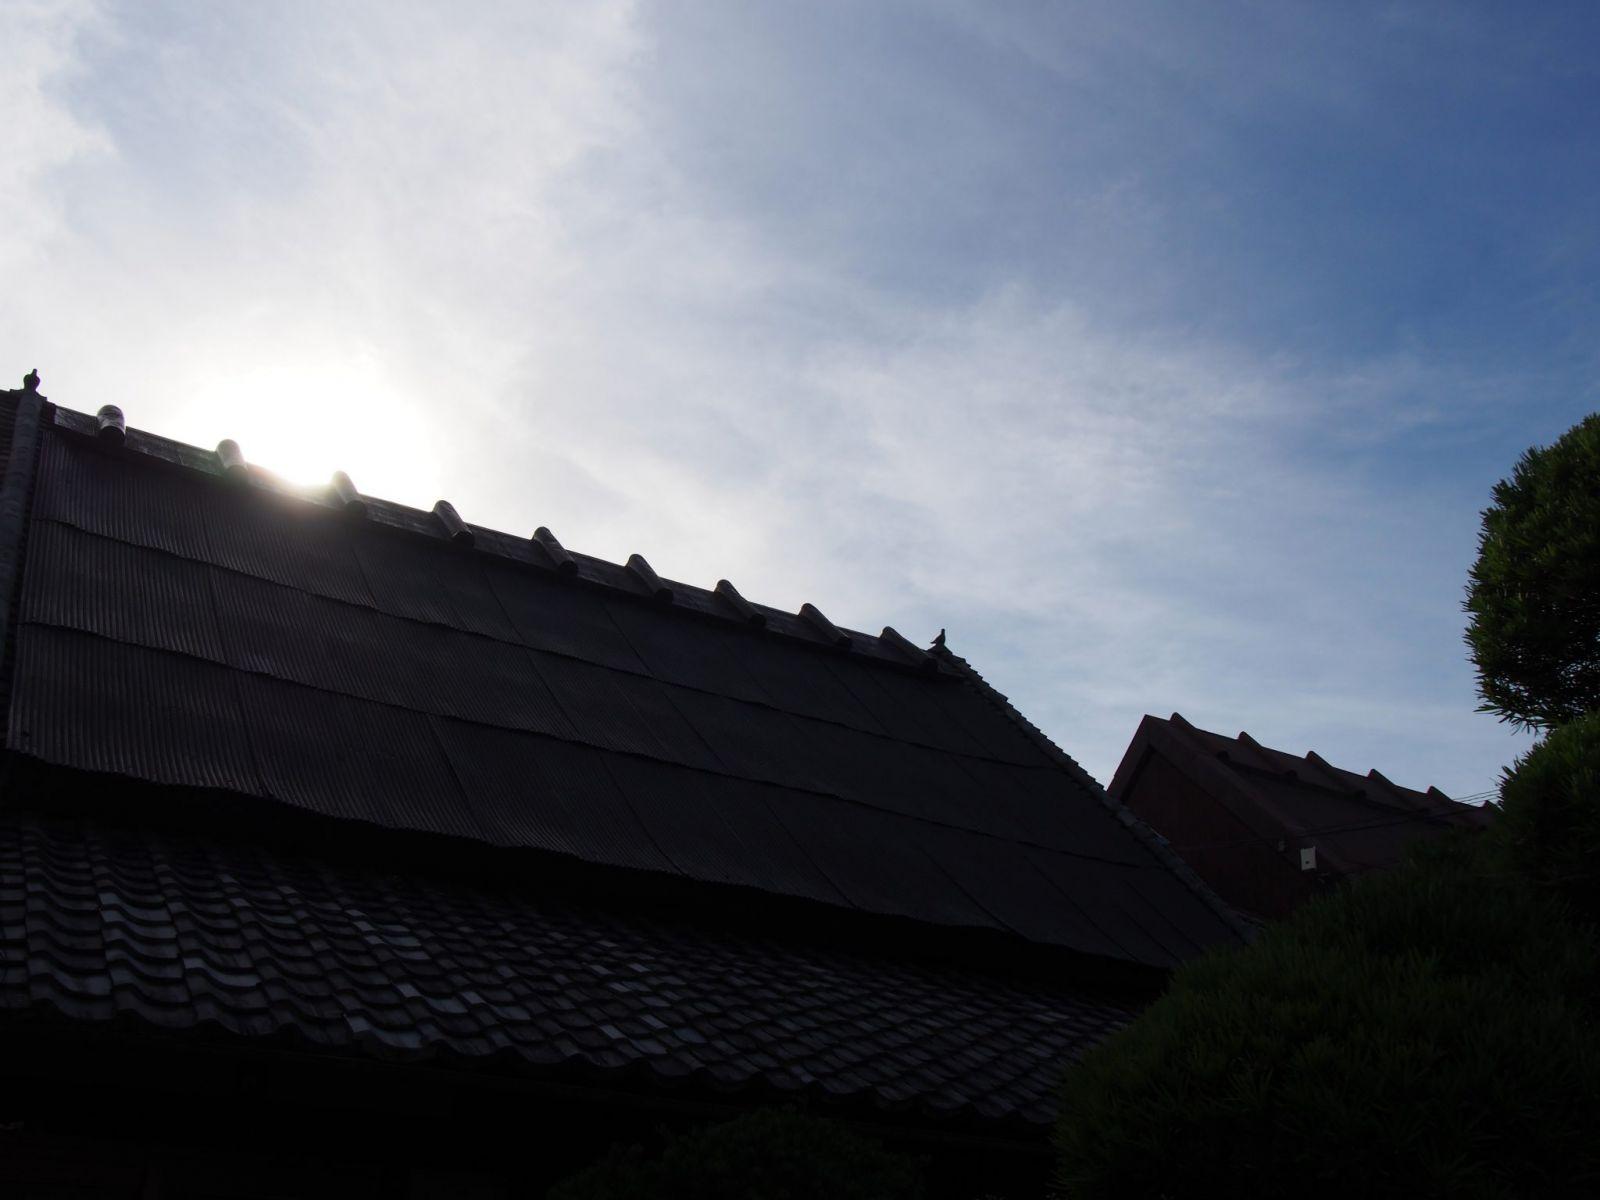 伝統的な「法蓮造」を今に伝える切妻屋根